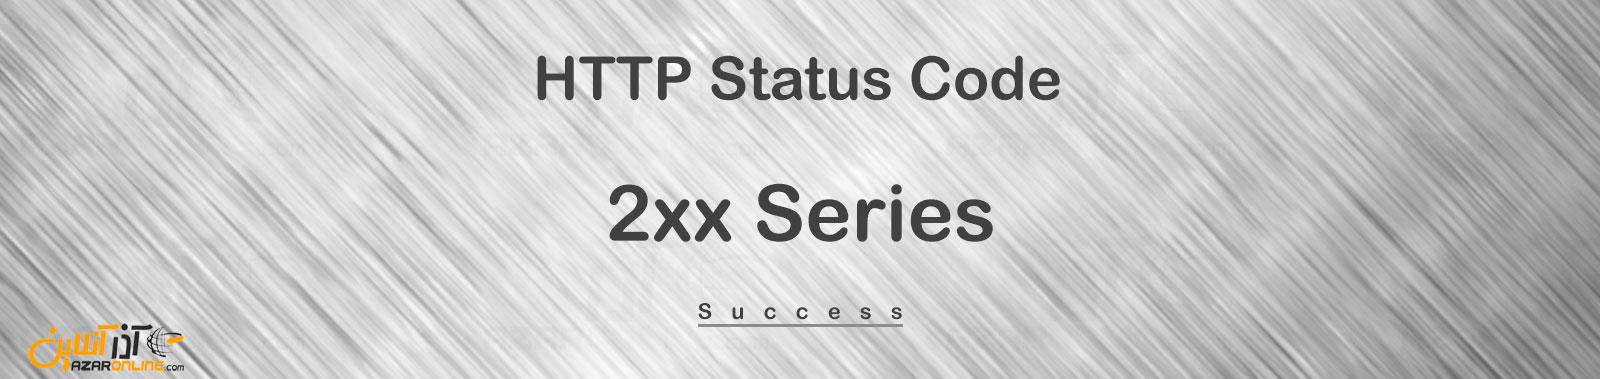 لیست کدهای وضعیت HTTP - سری 2xx